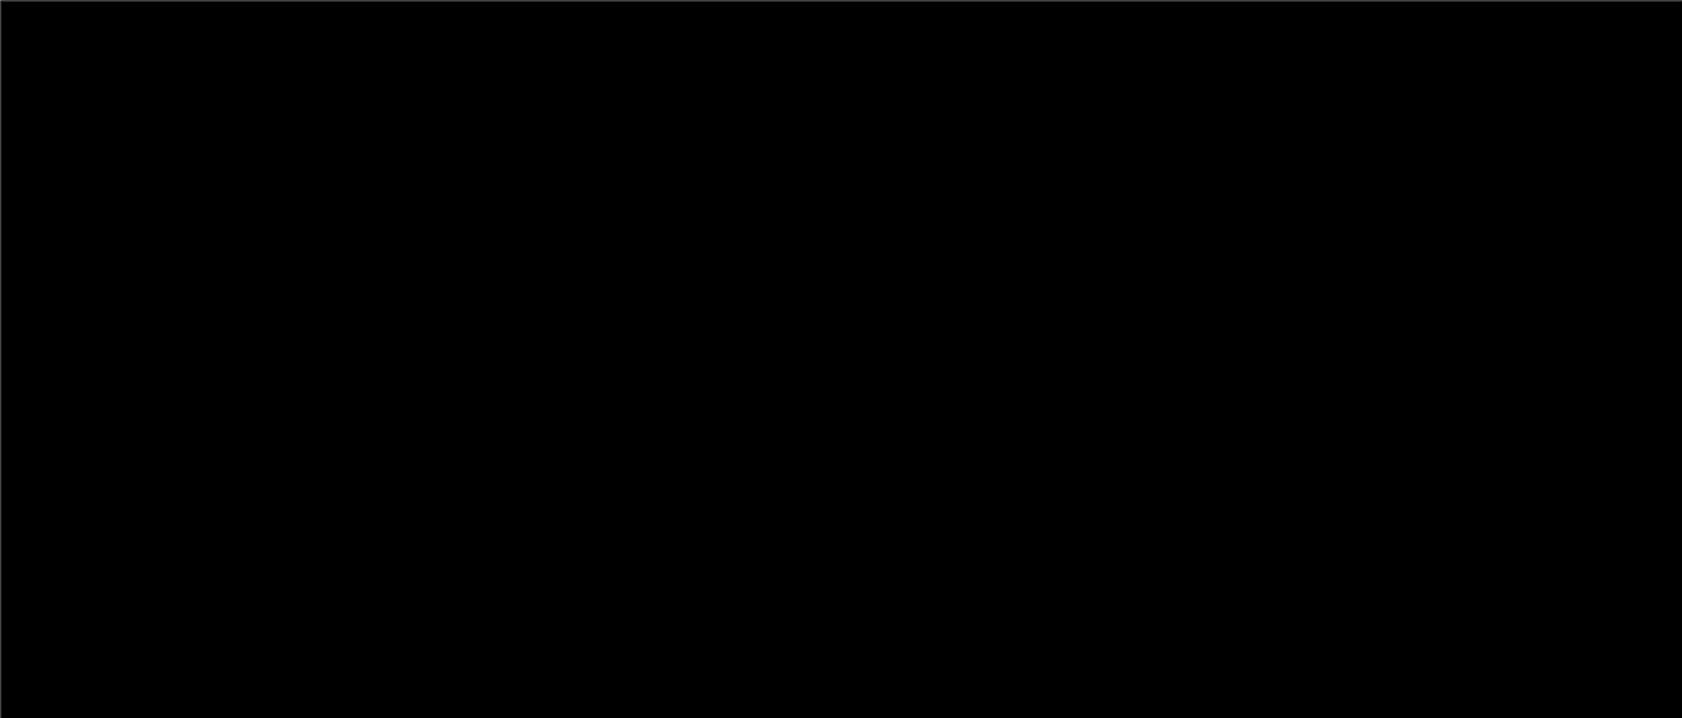 カスタマージャーマップのサンプル